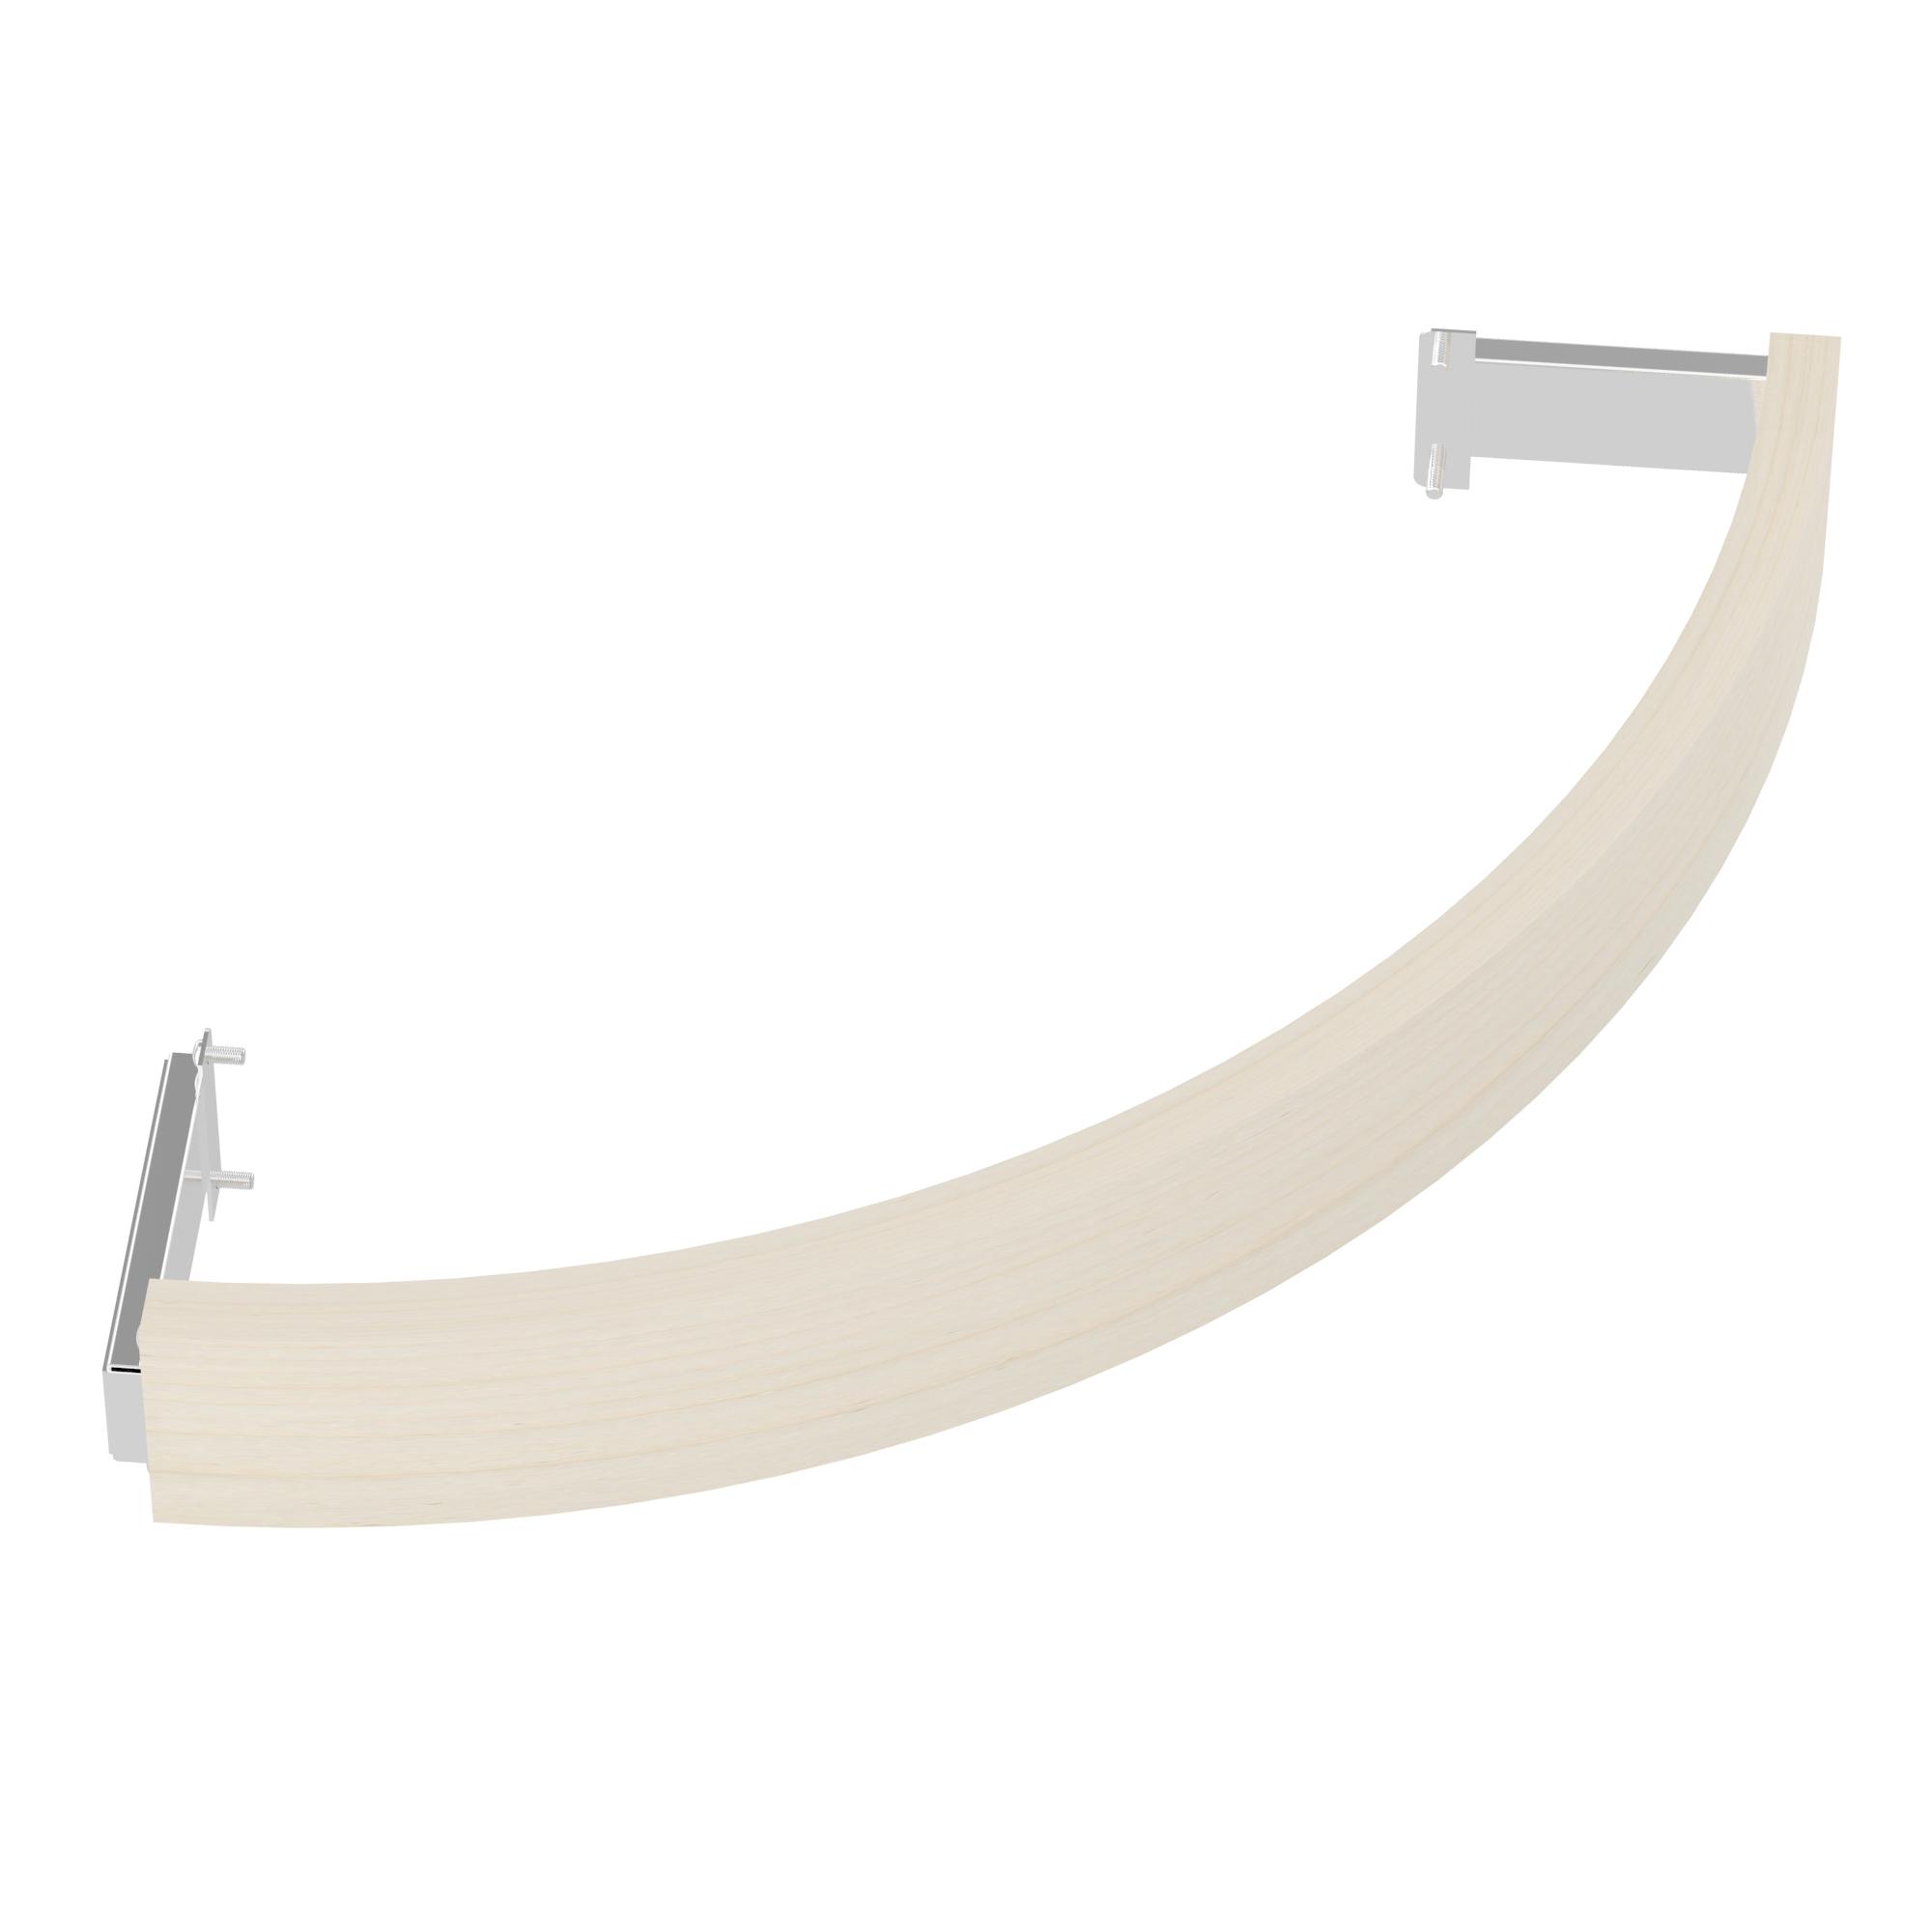 Ограждения и коврики: Деревянное ограждение SAWO TH-GUARD-W6-CNR-A для печи угловой установки TOWER TH6 (осина)